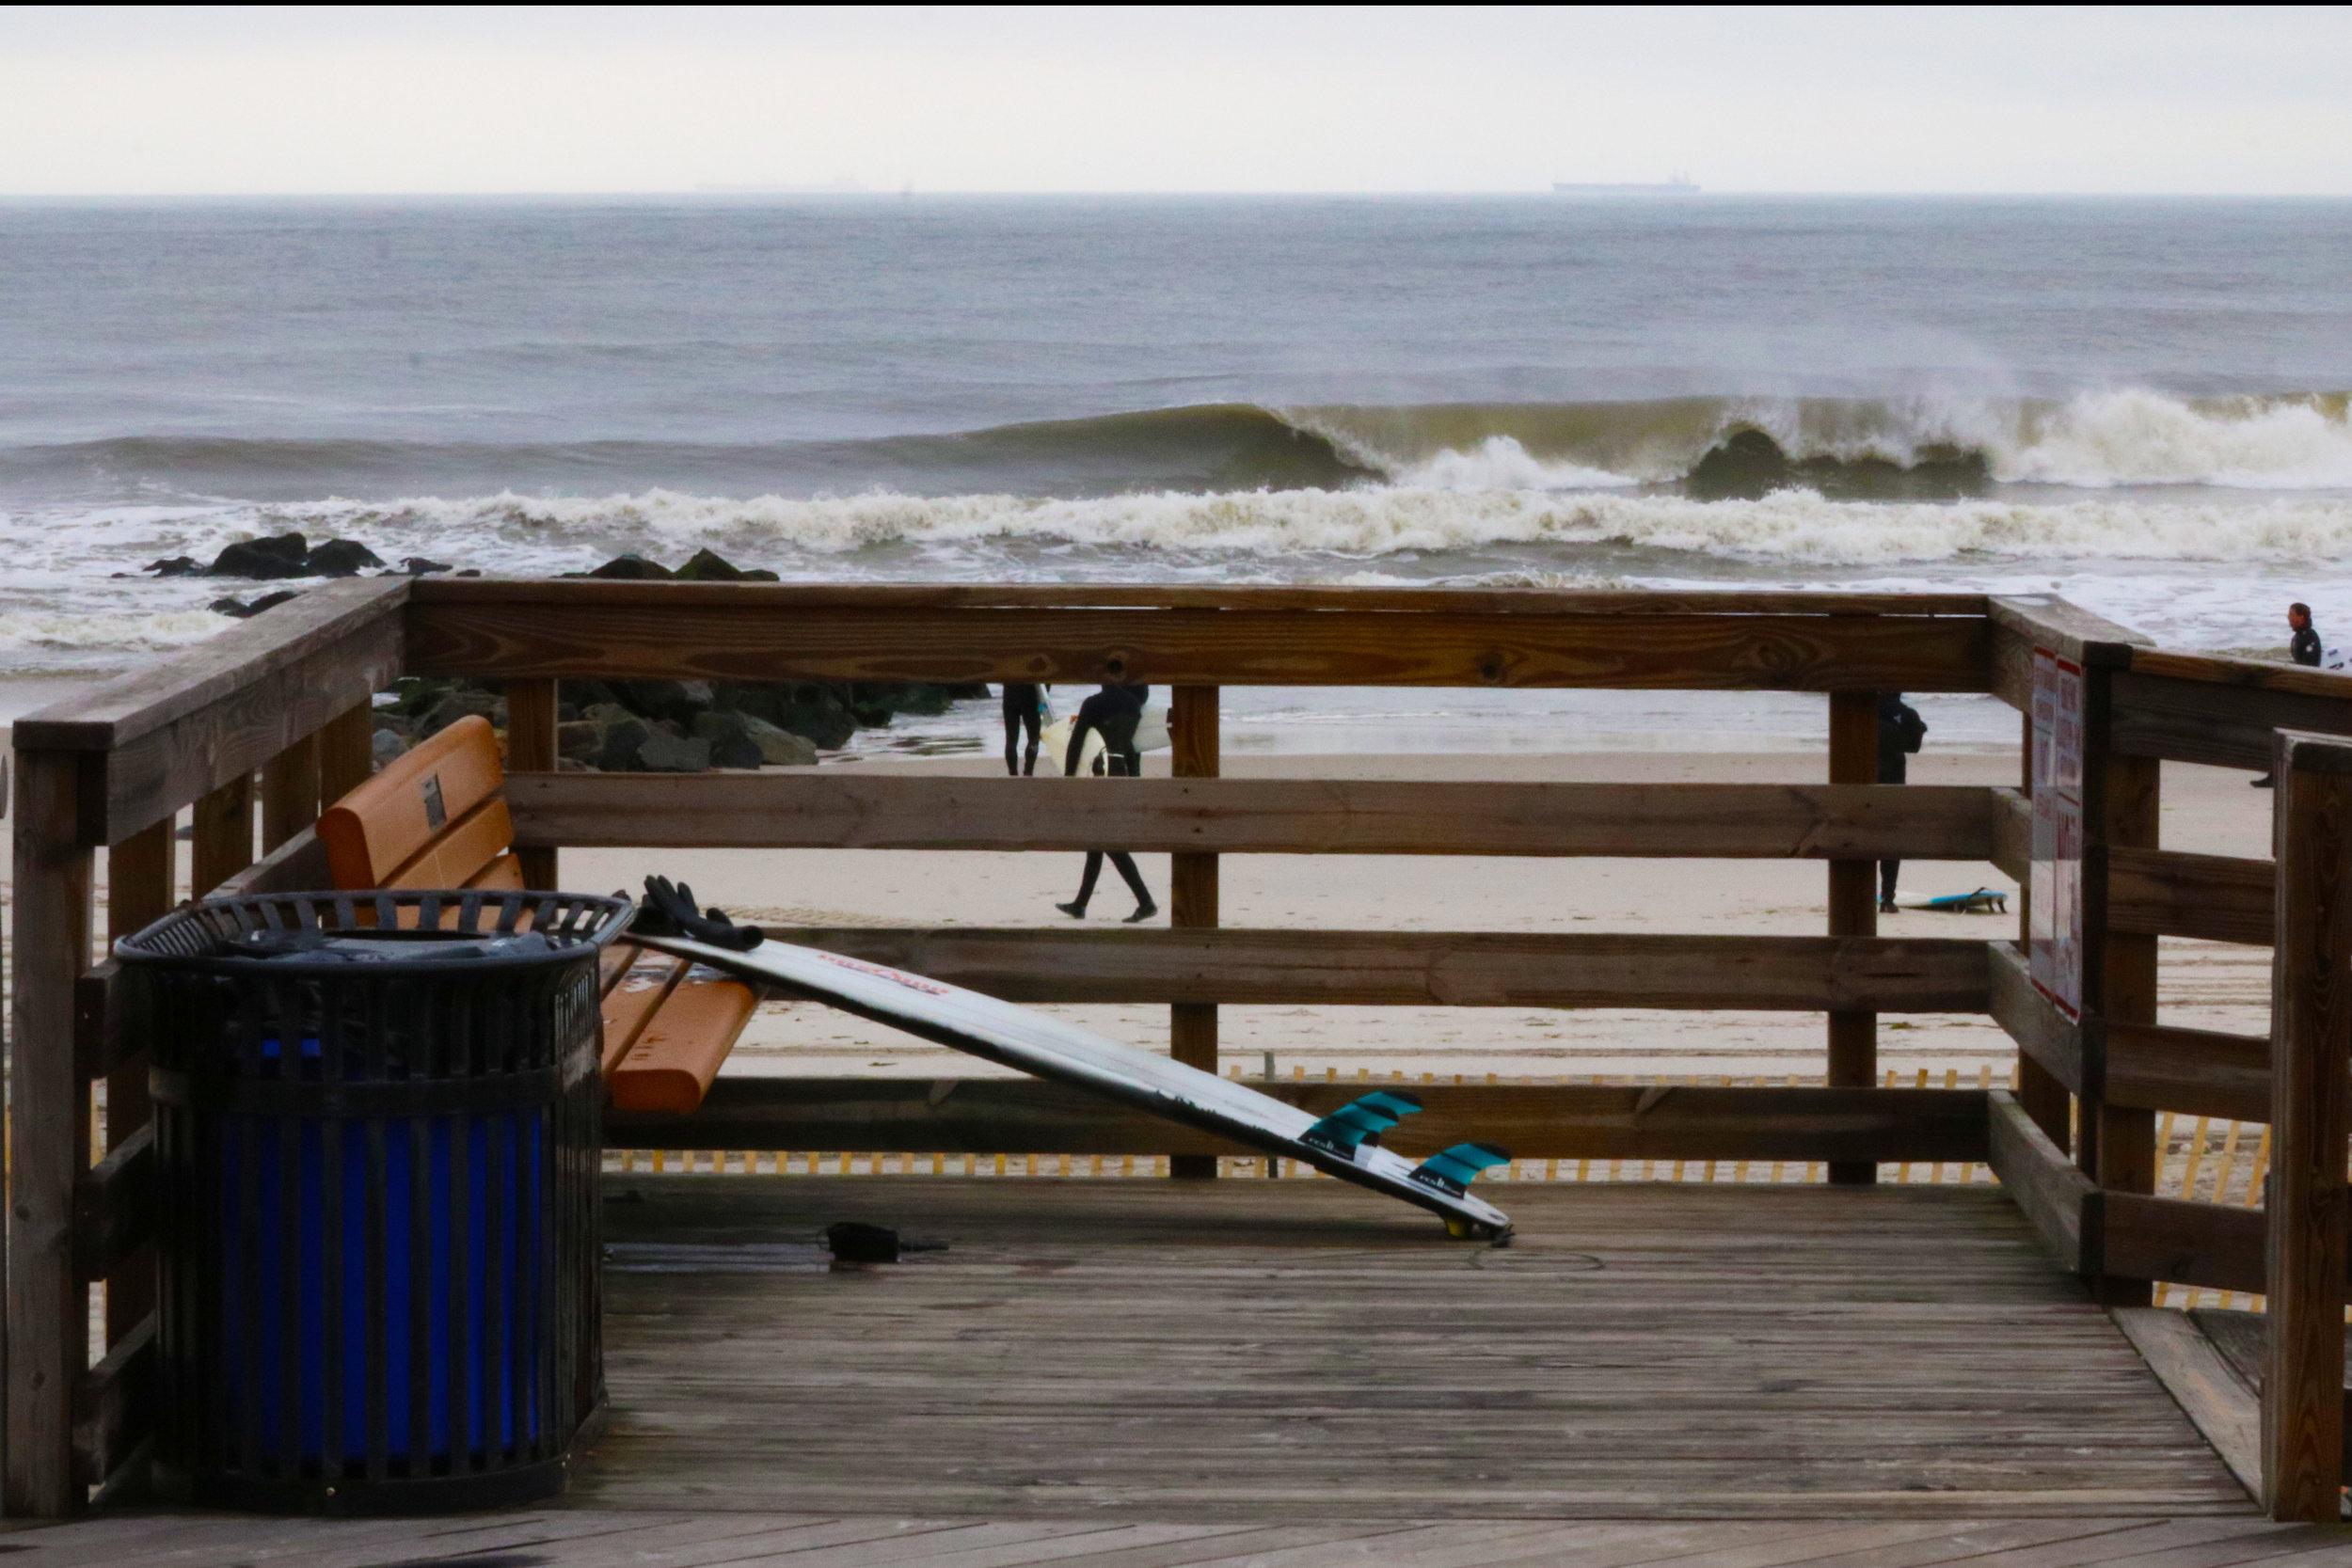 4-26-17 Long Beach Bench.jpg